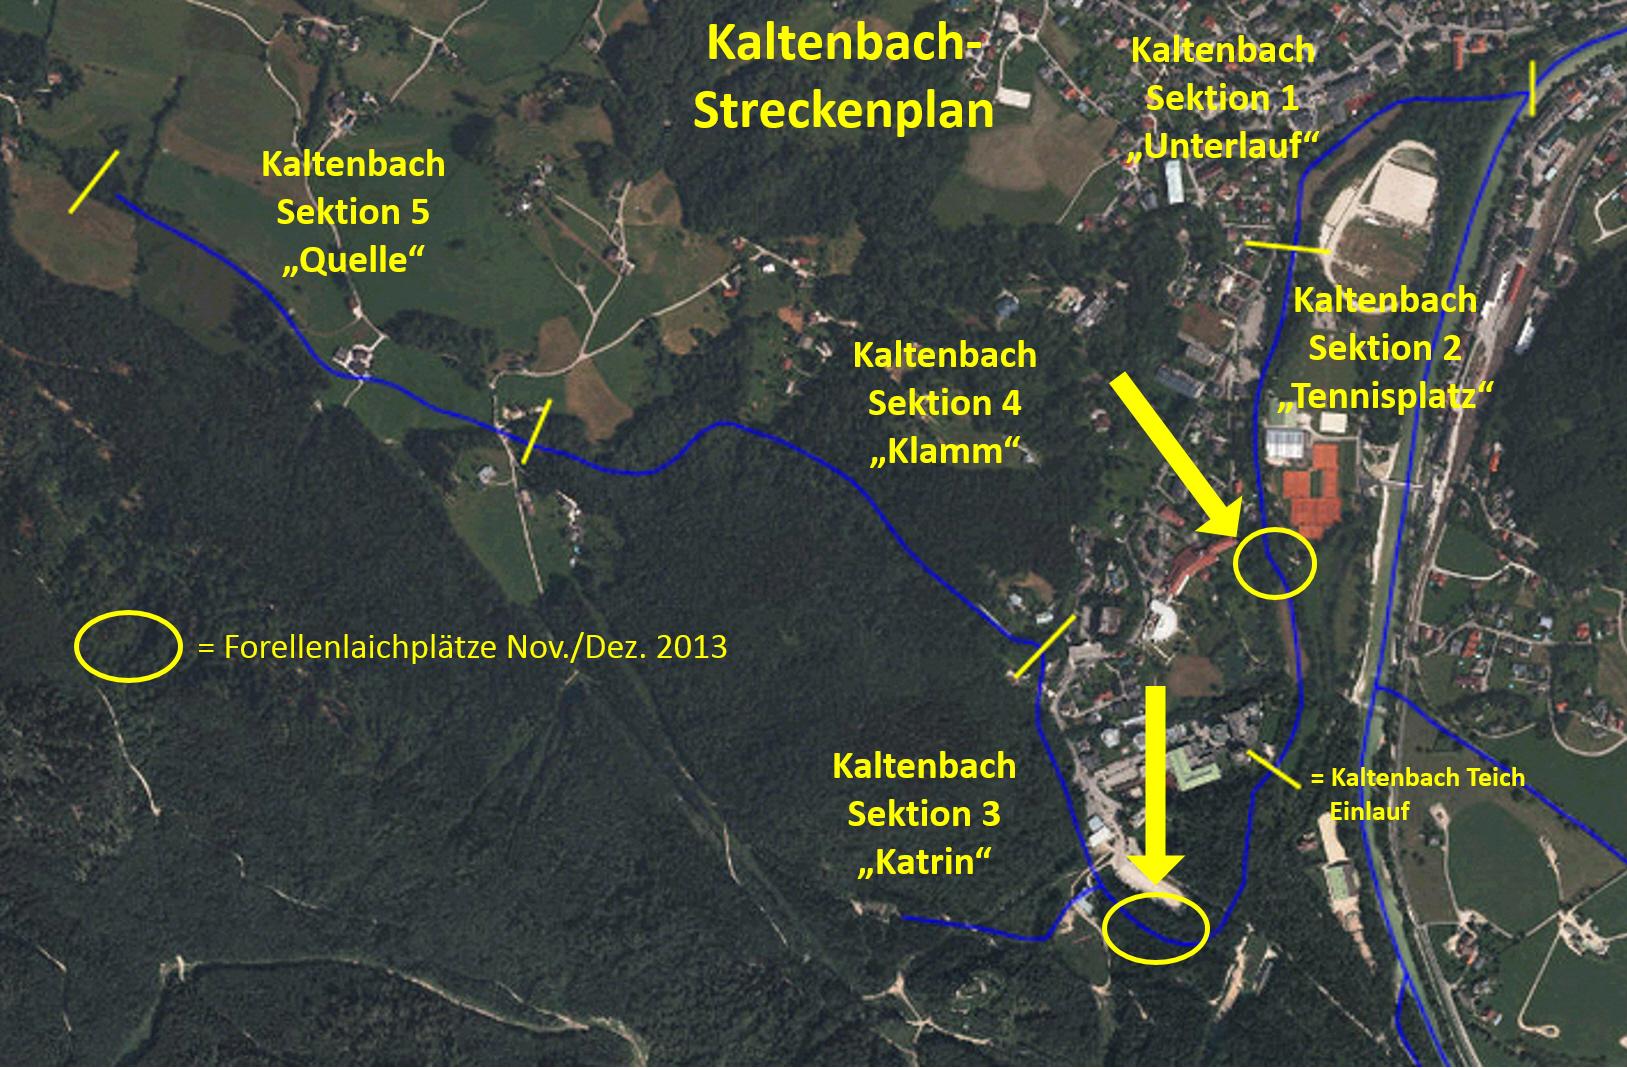 Laichplaetze Kaltenbach 2013_HAH_150